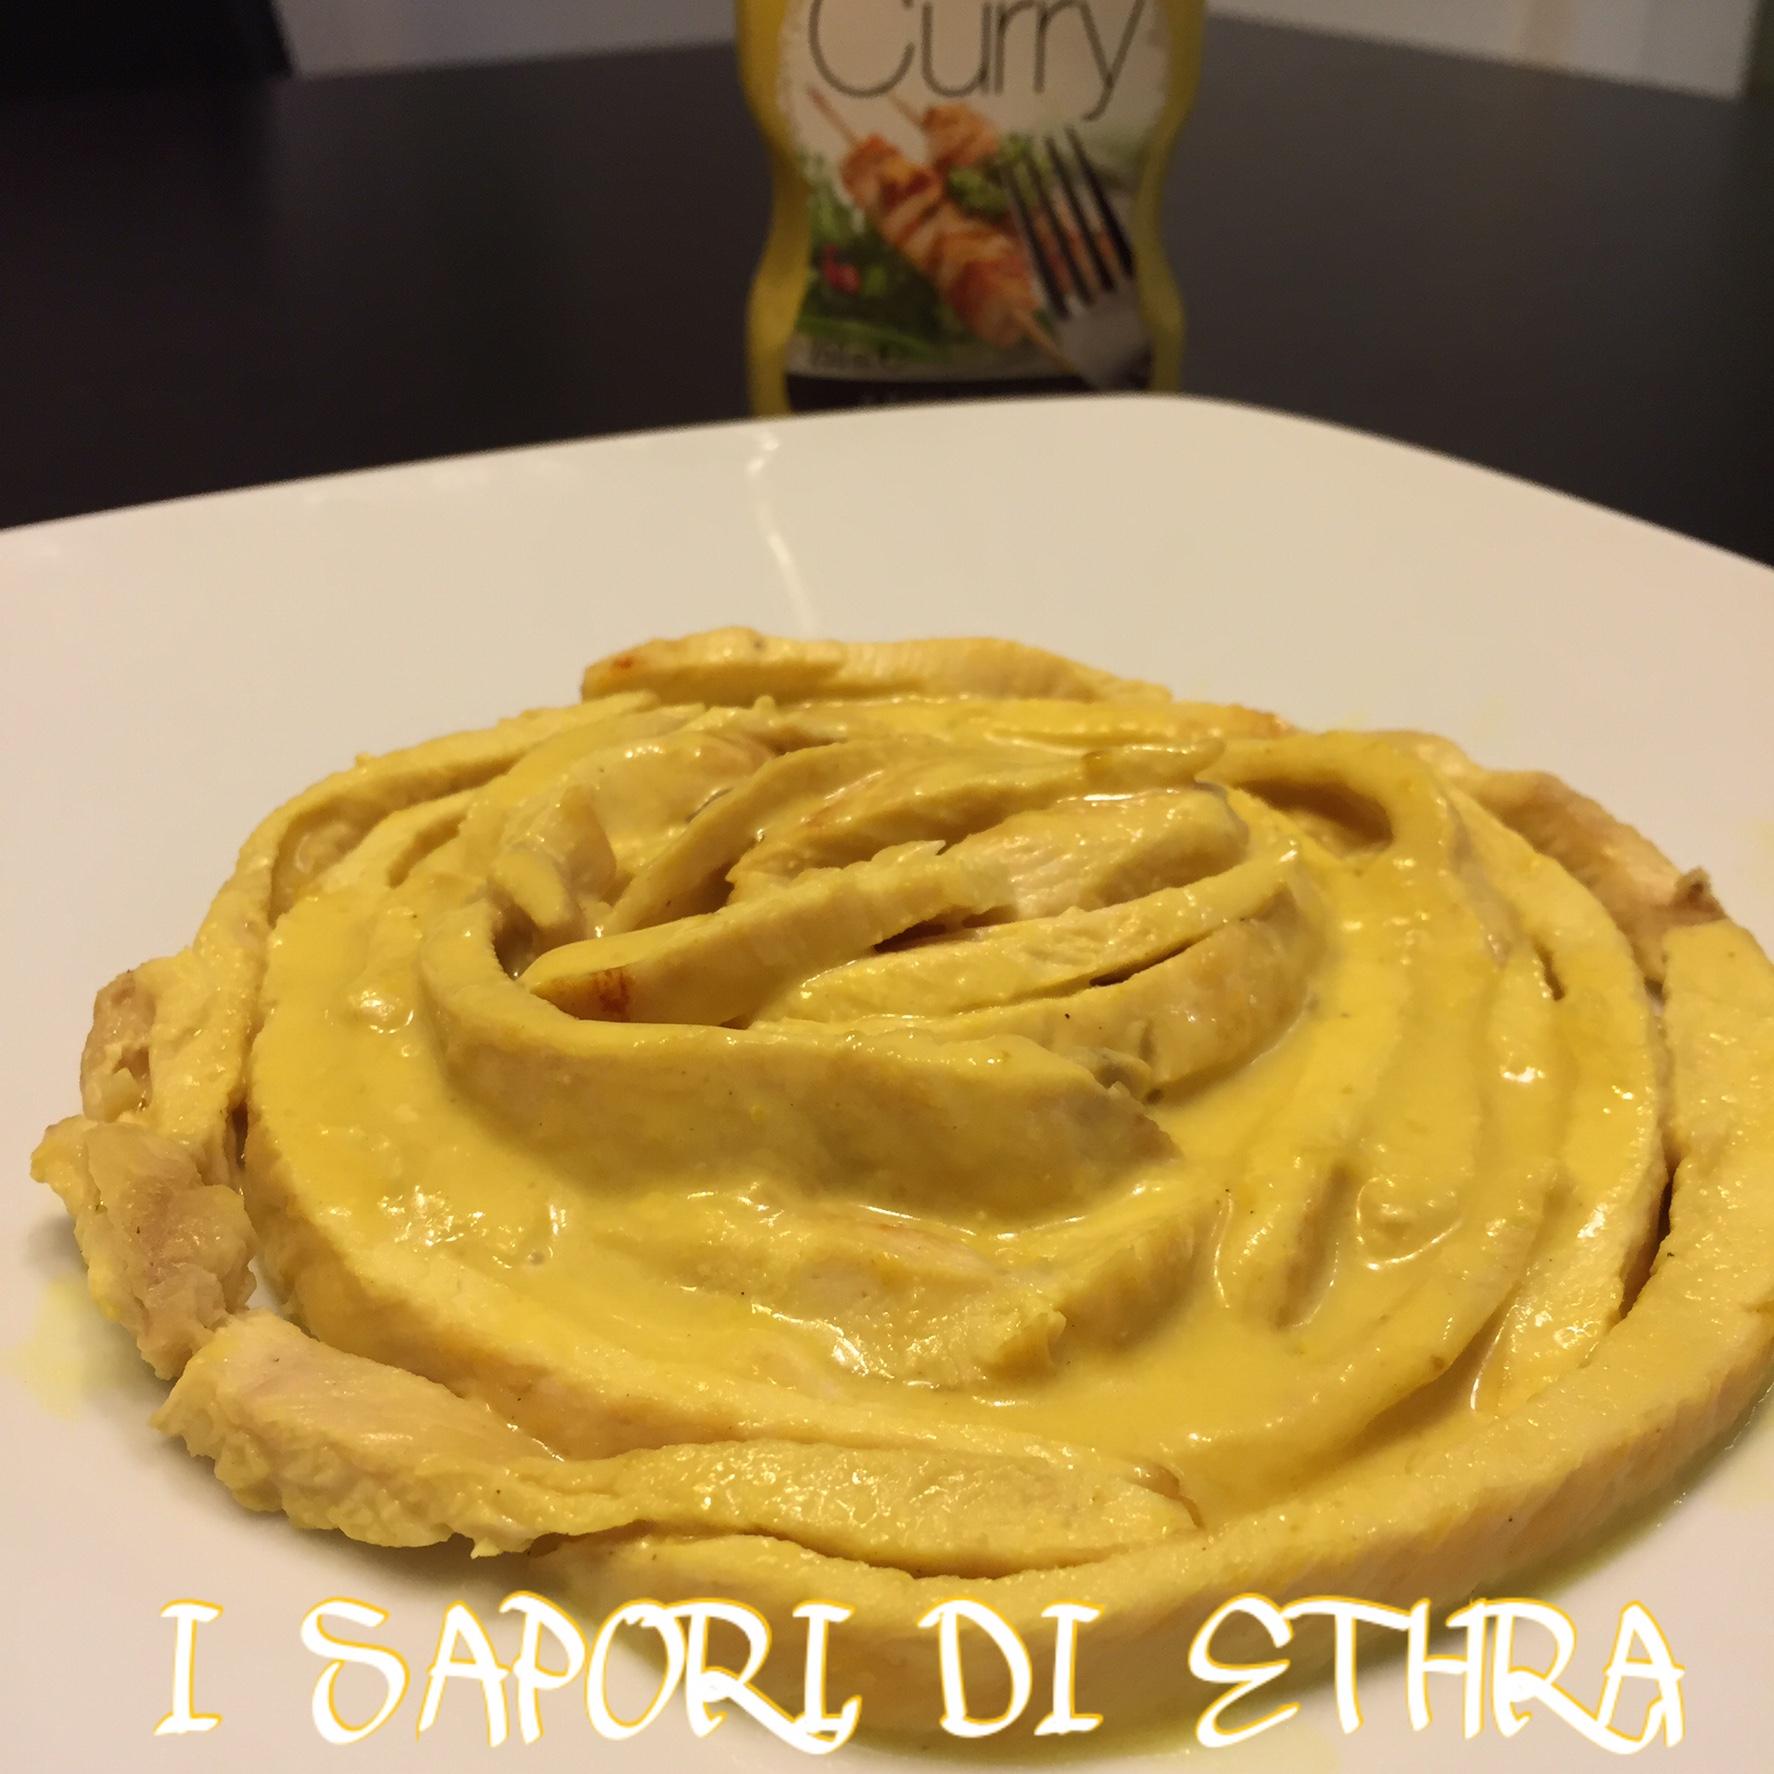 Petto di pollo arrotolato in salsa al curry